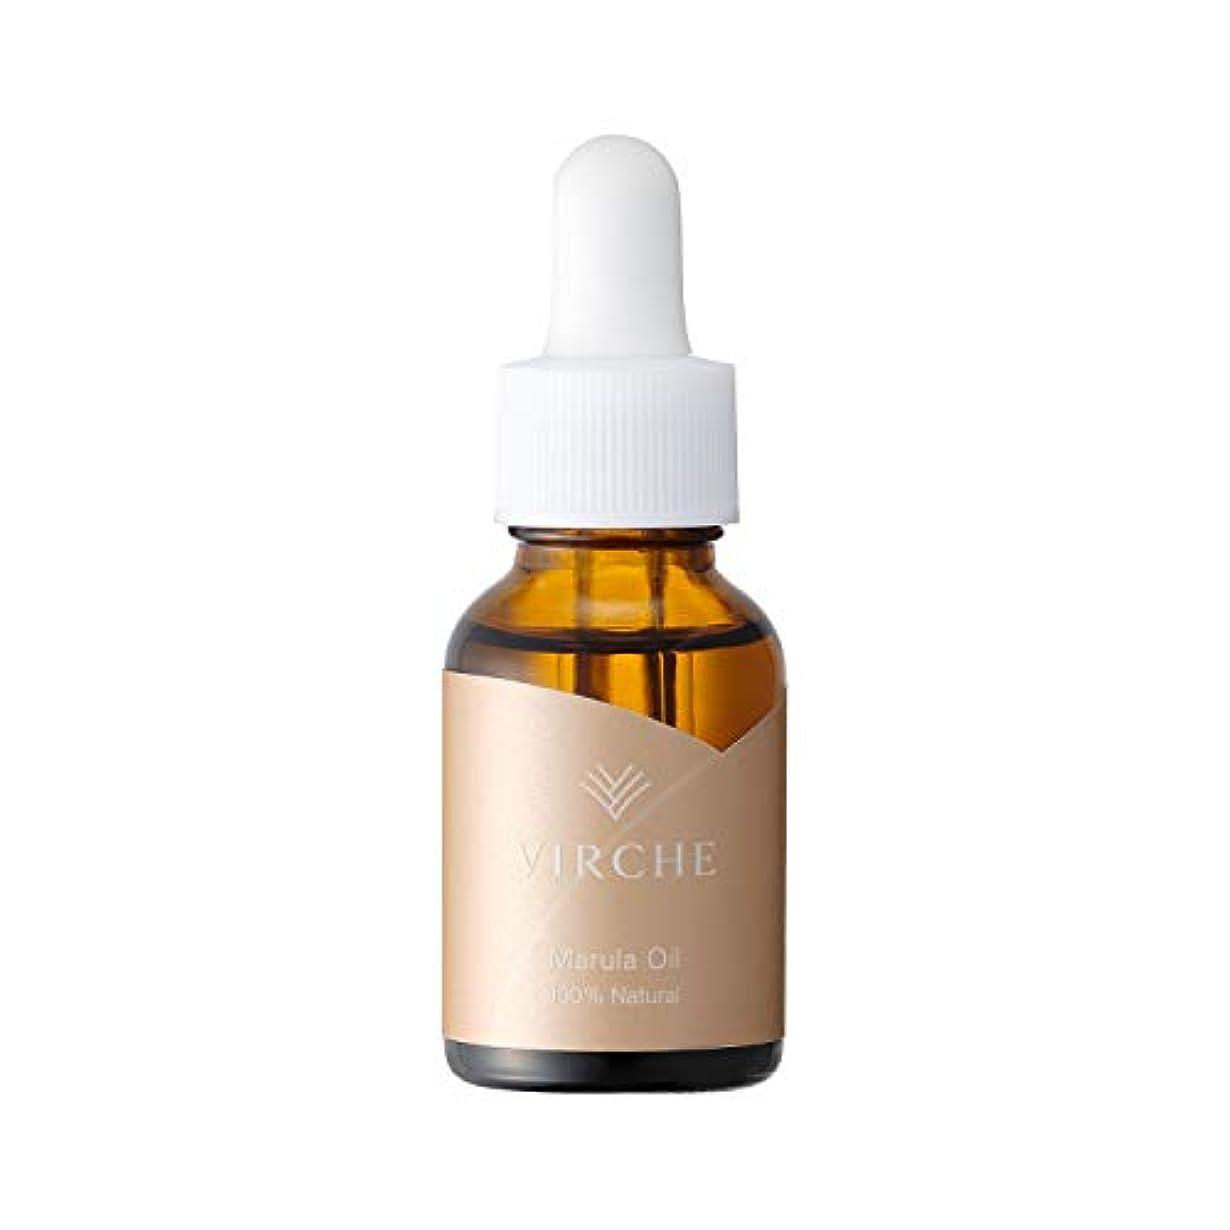 作業バースにんじんマルラオイル(Marula Oil)国内で品質管理/無香料/防腐剤、香料、着色料すべて無添加の美容オイル/18ml(髪など全身に使えて約30日分)